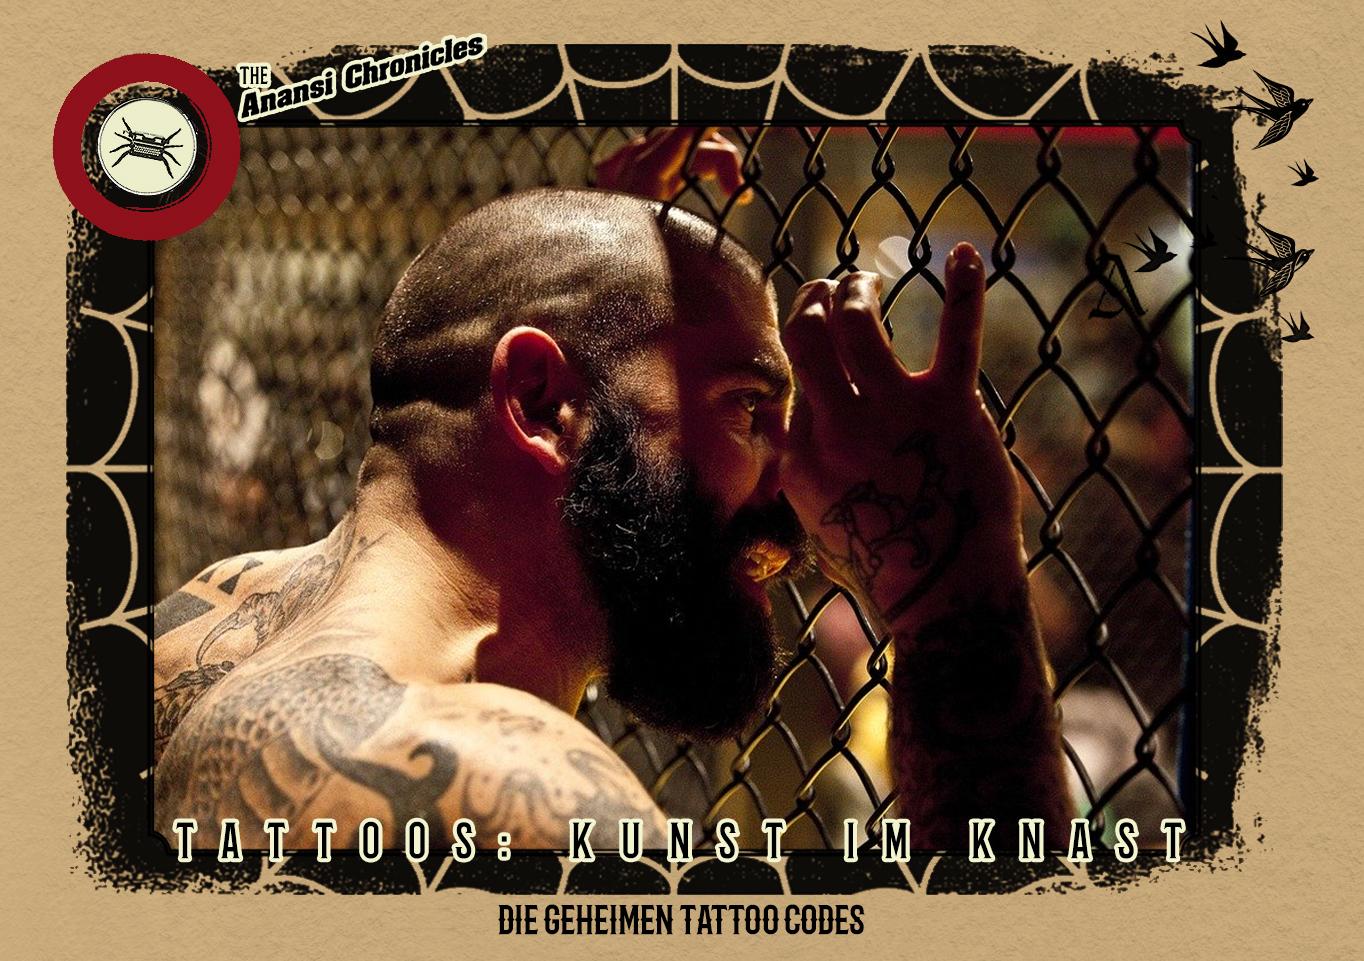 Tattoos: Kunst im Knast